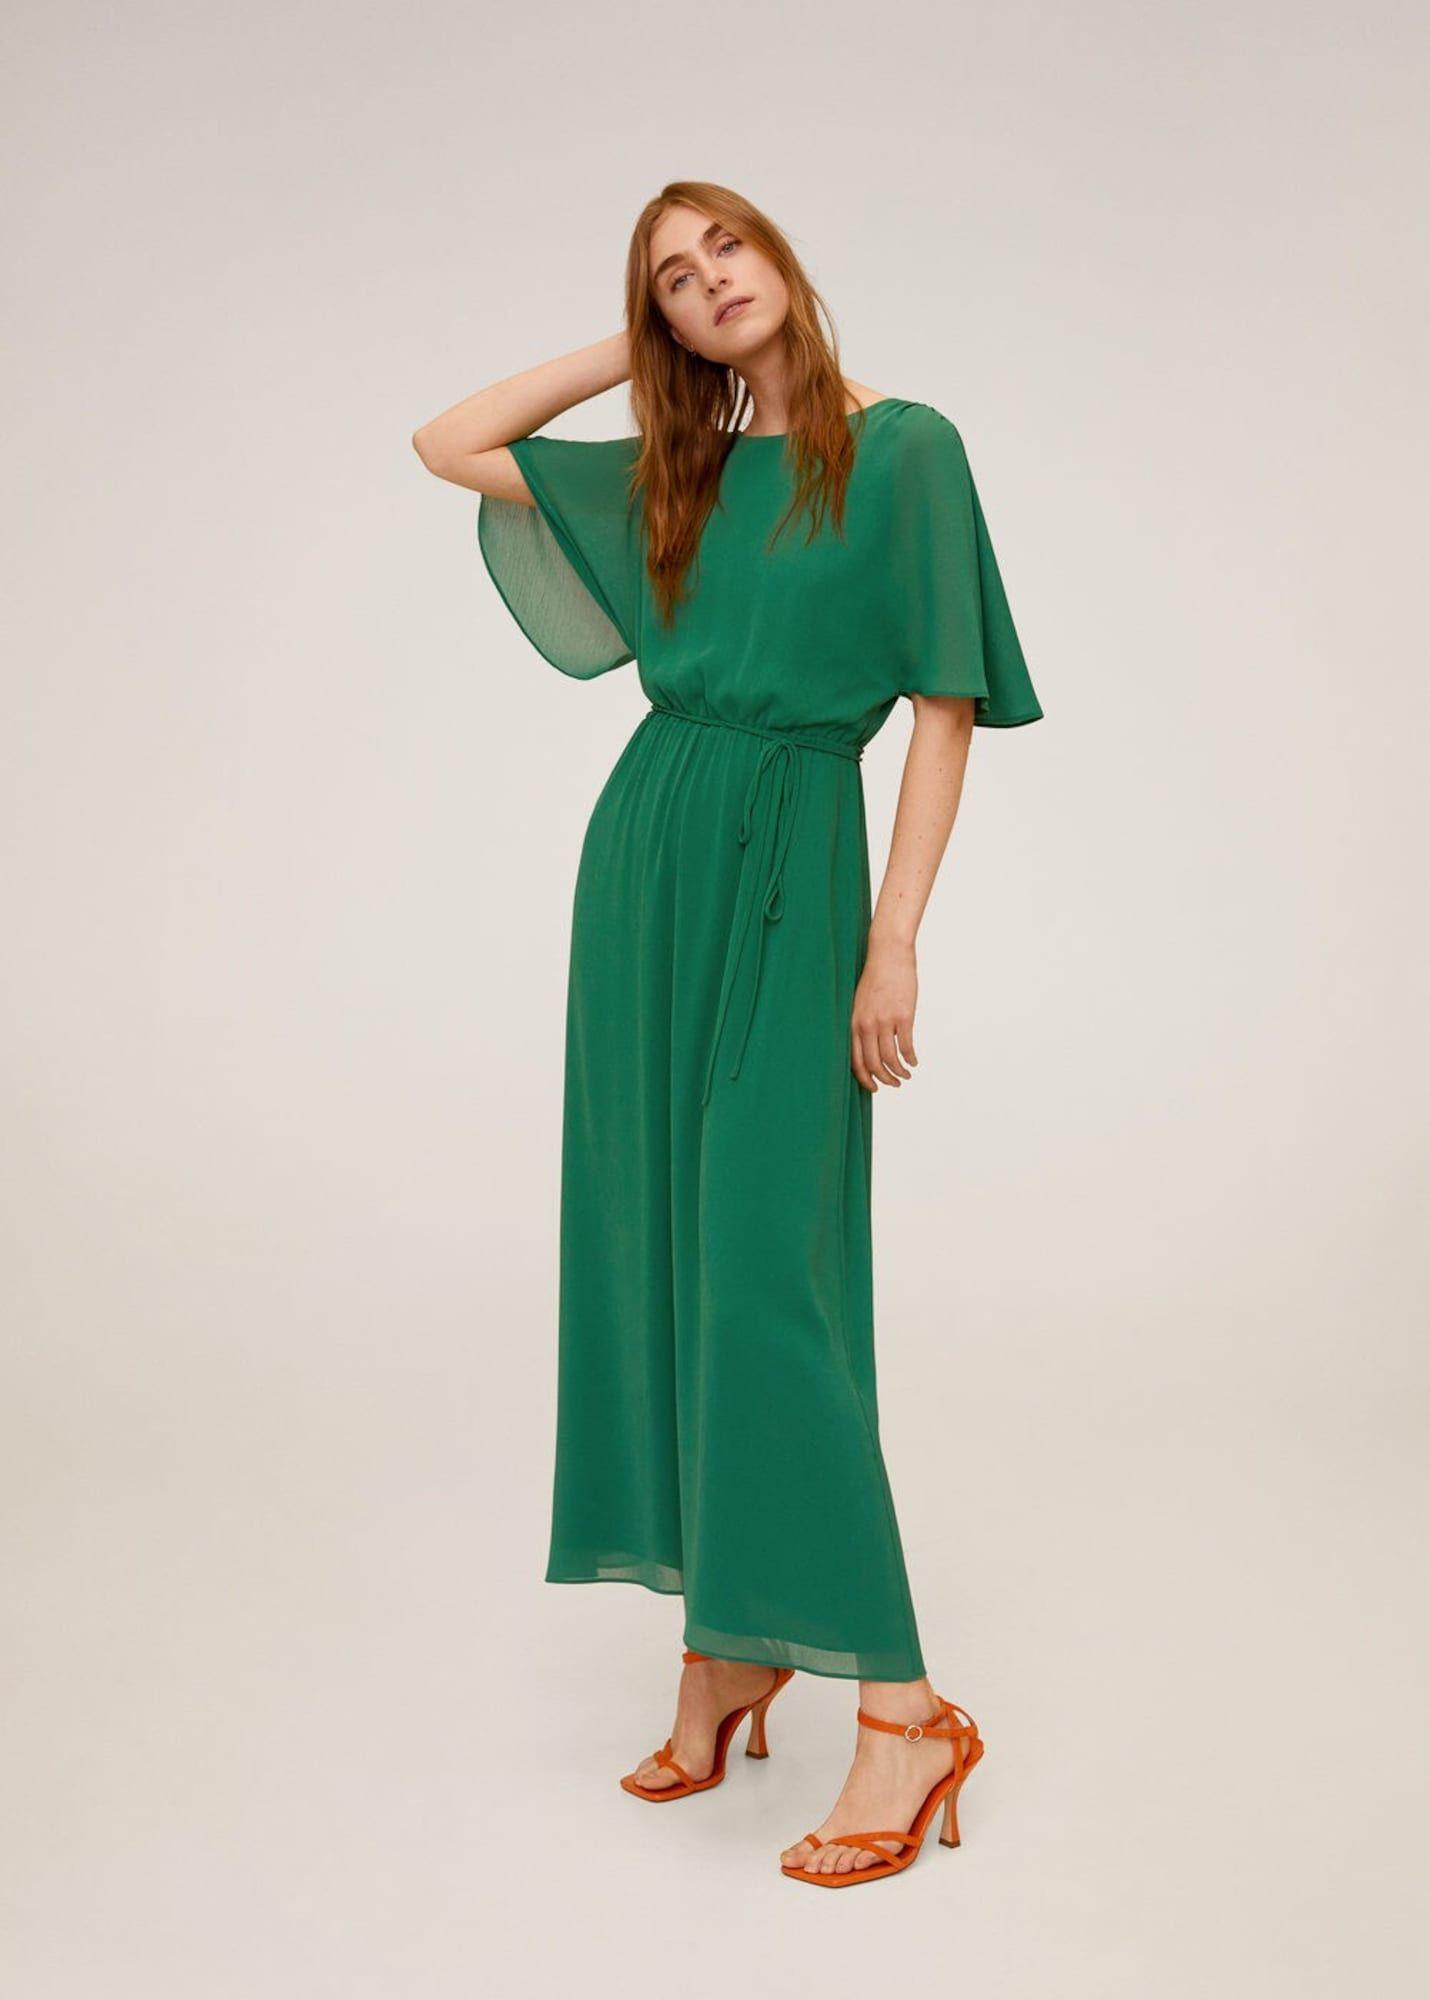 MANGO Kleid duddy-a Damen, Grün, Größe 18 in 18  Kleider, Damen